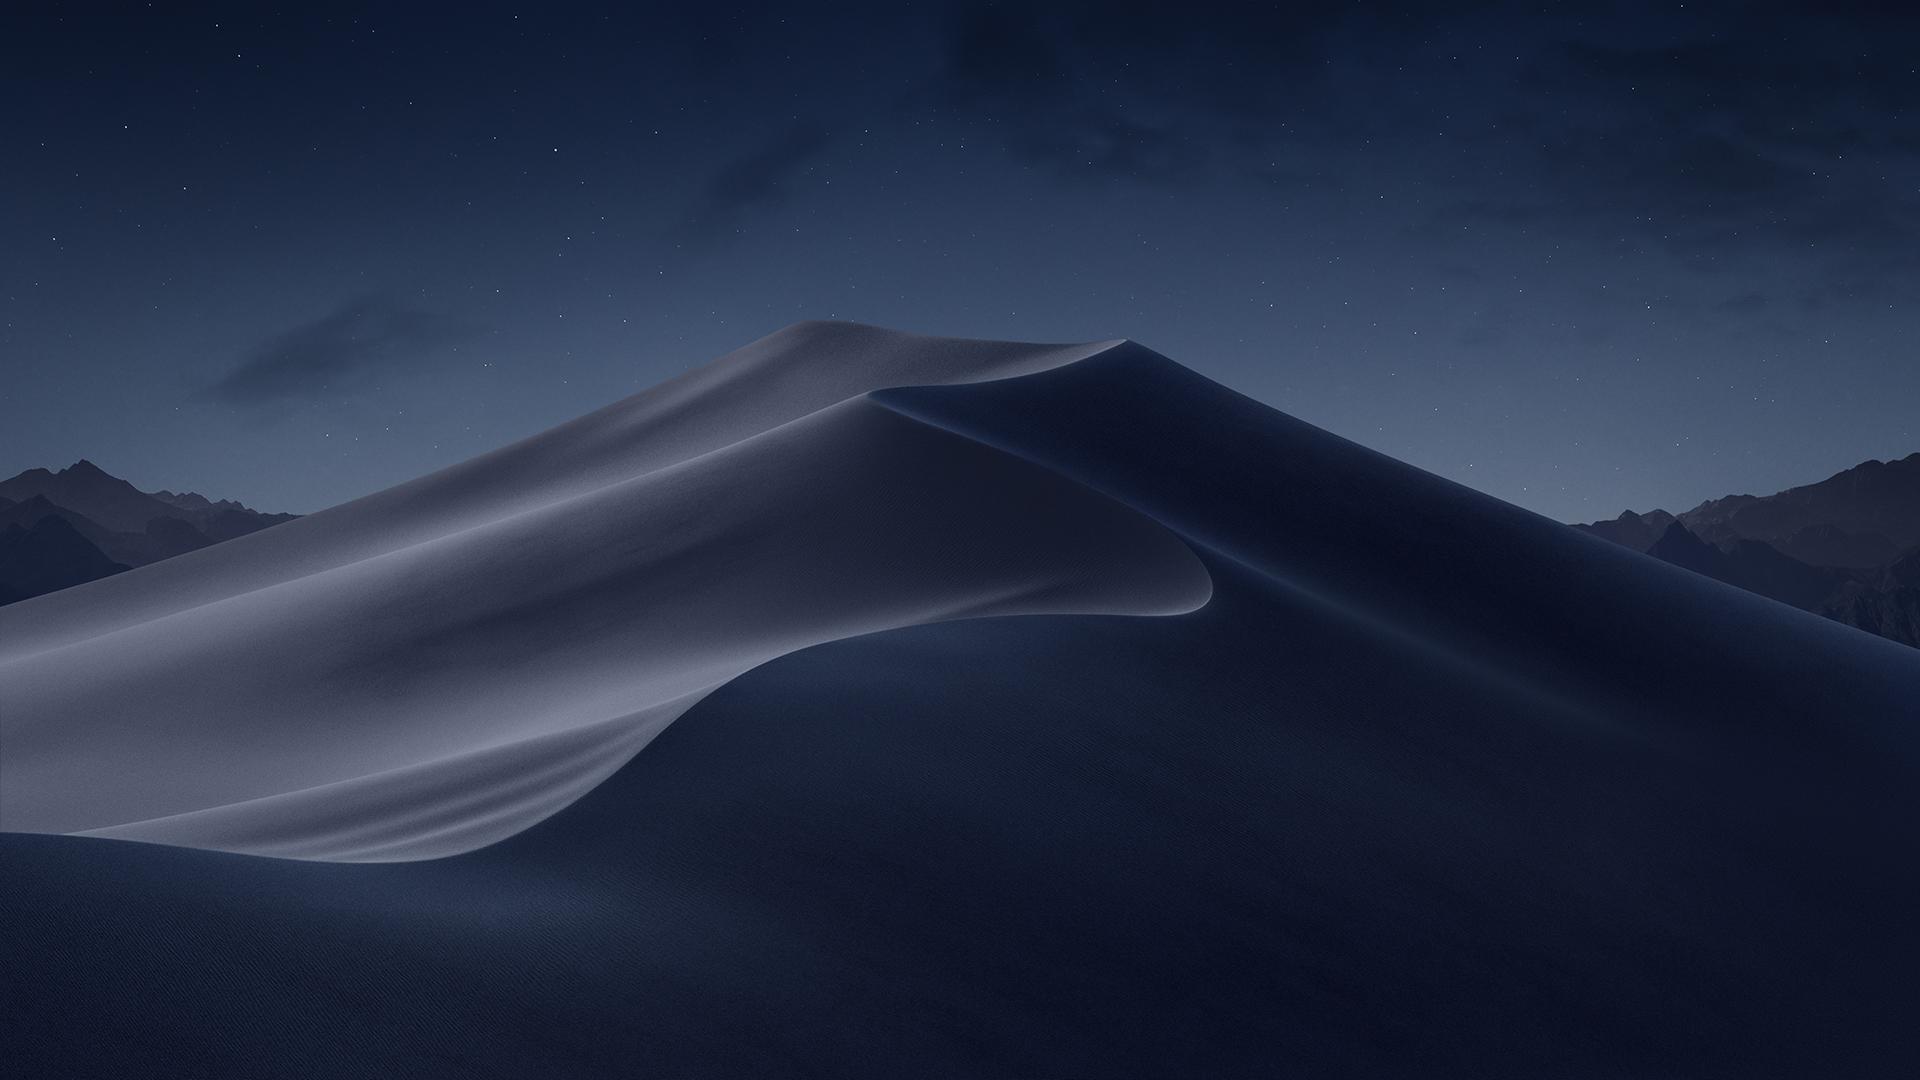 苹果电脑系统macOS Mojave 10.14.6官方原版镜像文件下载